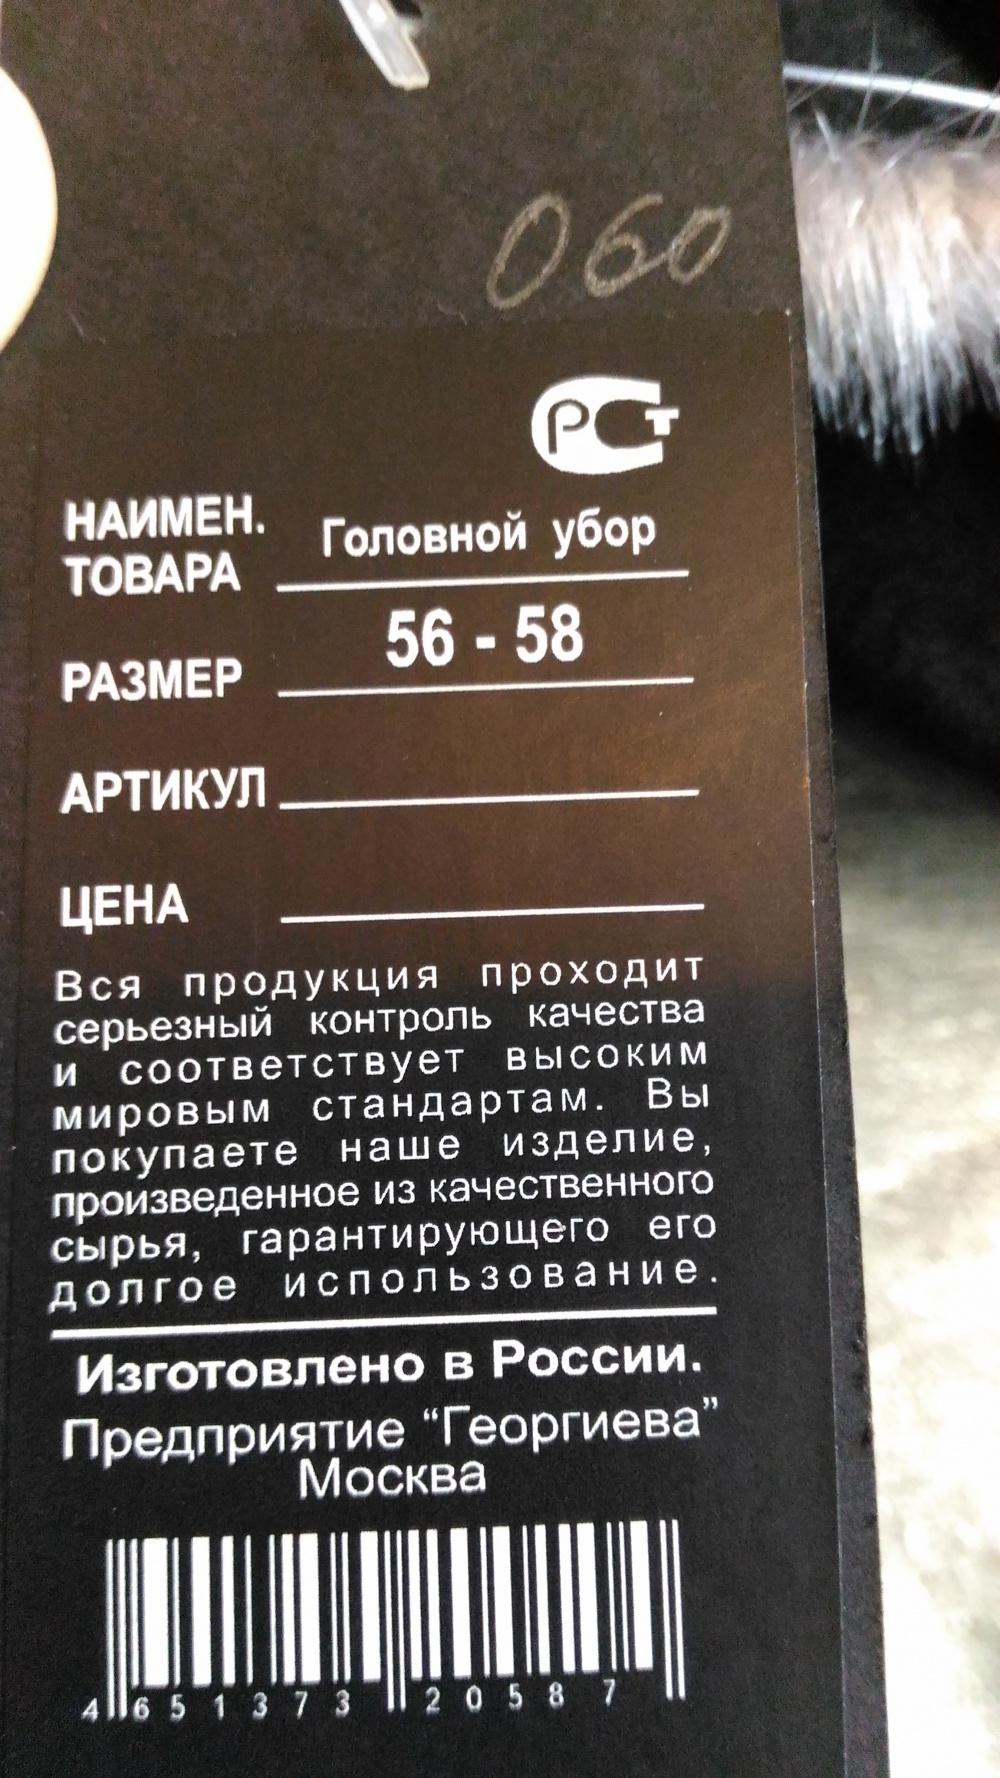 Шапка, фирма Георгиева